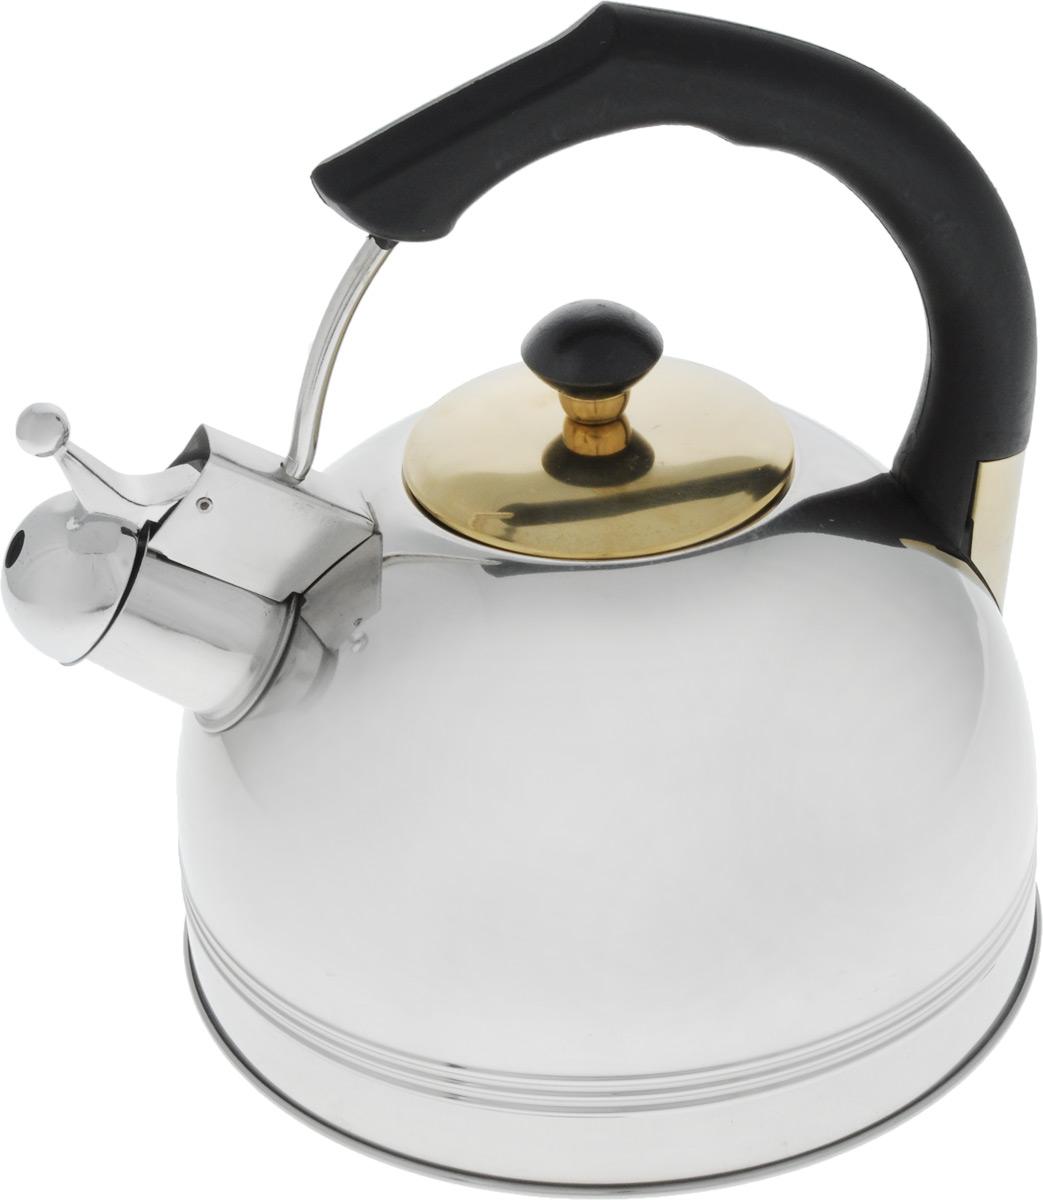 Чайник Bohmann, со свистком, 3 л655BHLBKЧайник Bohmann выполнен из высококачественной нержавеющей стали, что делает его весьма гигиеничным и устойчивым к износу при длительном использовании. Носик чайника оснащен свистком, что позволит вам контролировать процесс подогрева или кипячения воды. Фиксированная ручка изготовлена из бакелита. Зеркальная полировка придает чайнику изысканный внешний вид. Эстетичный и функциональный чайник будет оригинально смотреться в любом интерьере.Подходит для использования на всех типах плит. Можно мыть в посудомоечной машине. Высота чайника (с учетом ручки и крышки): 23 см.Диаметр чайника (по верхнему краю): 8,5 см.Диаметр основания: 20 см.